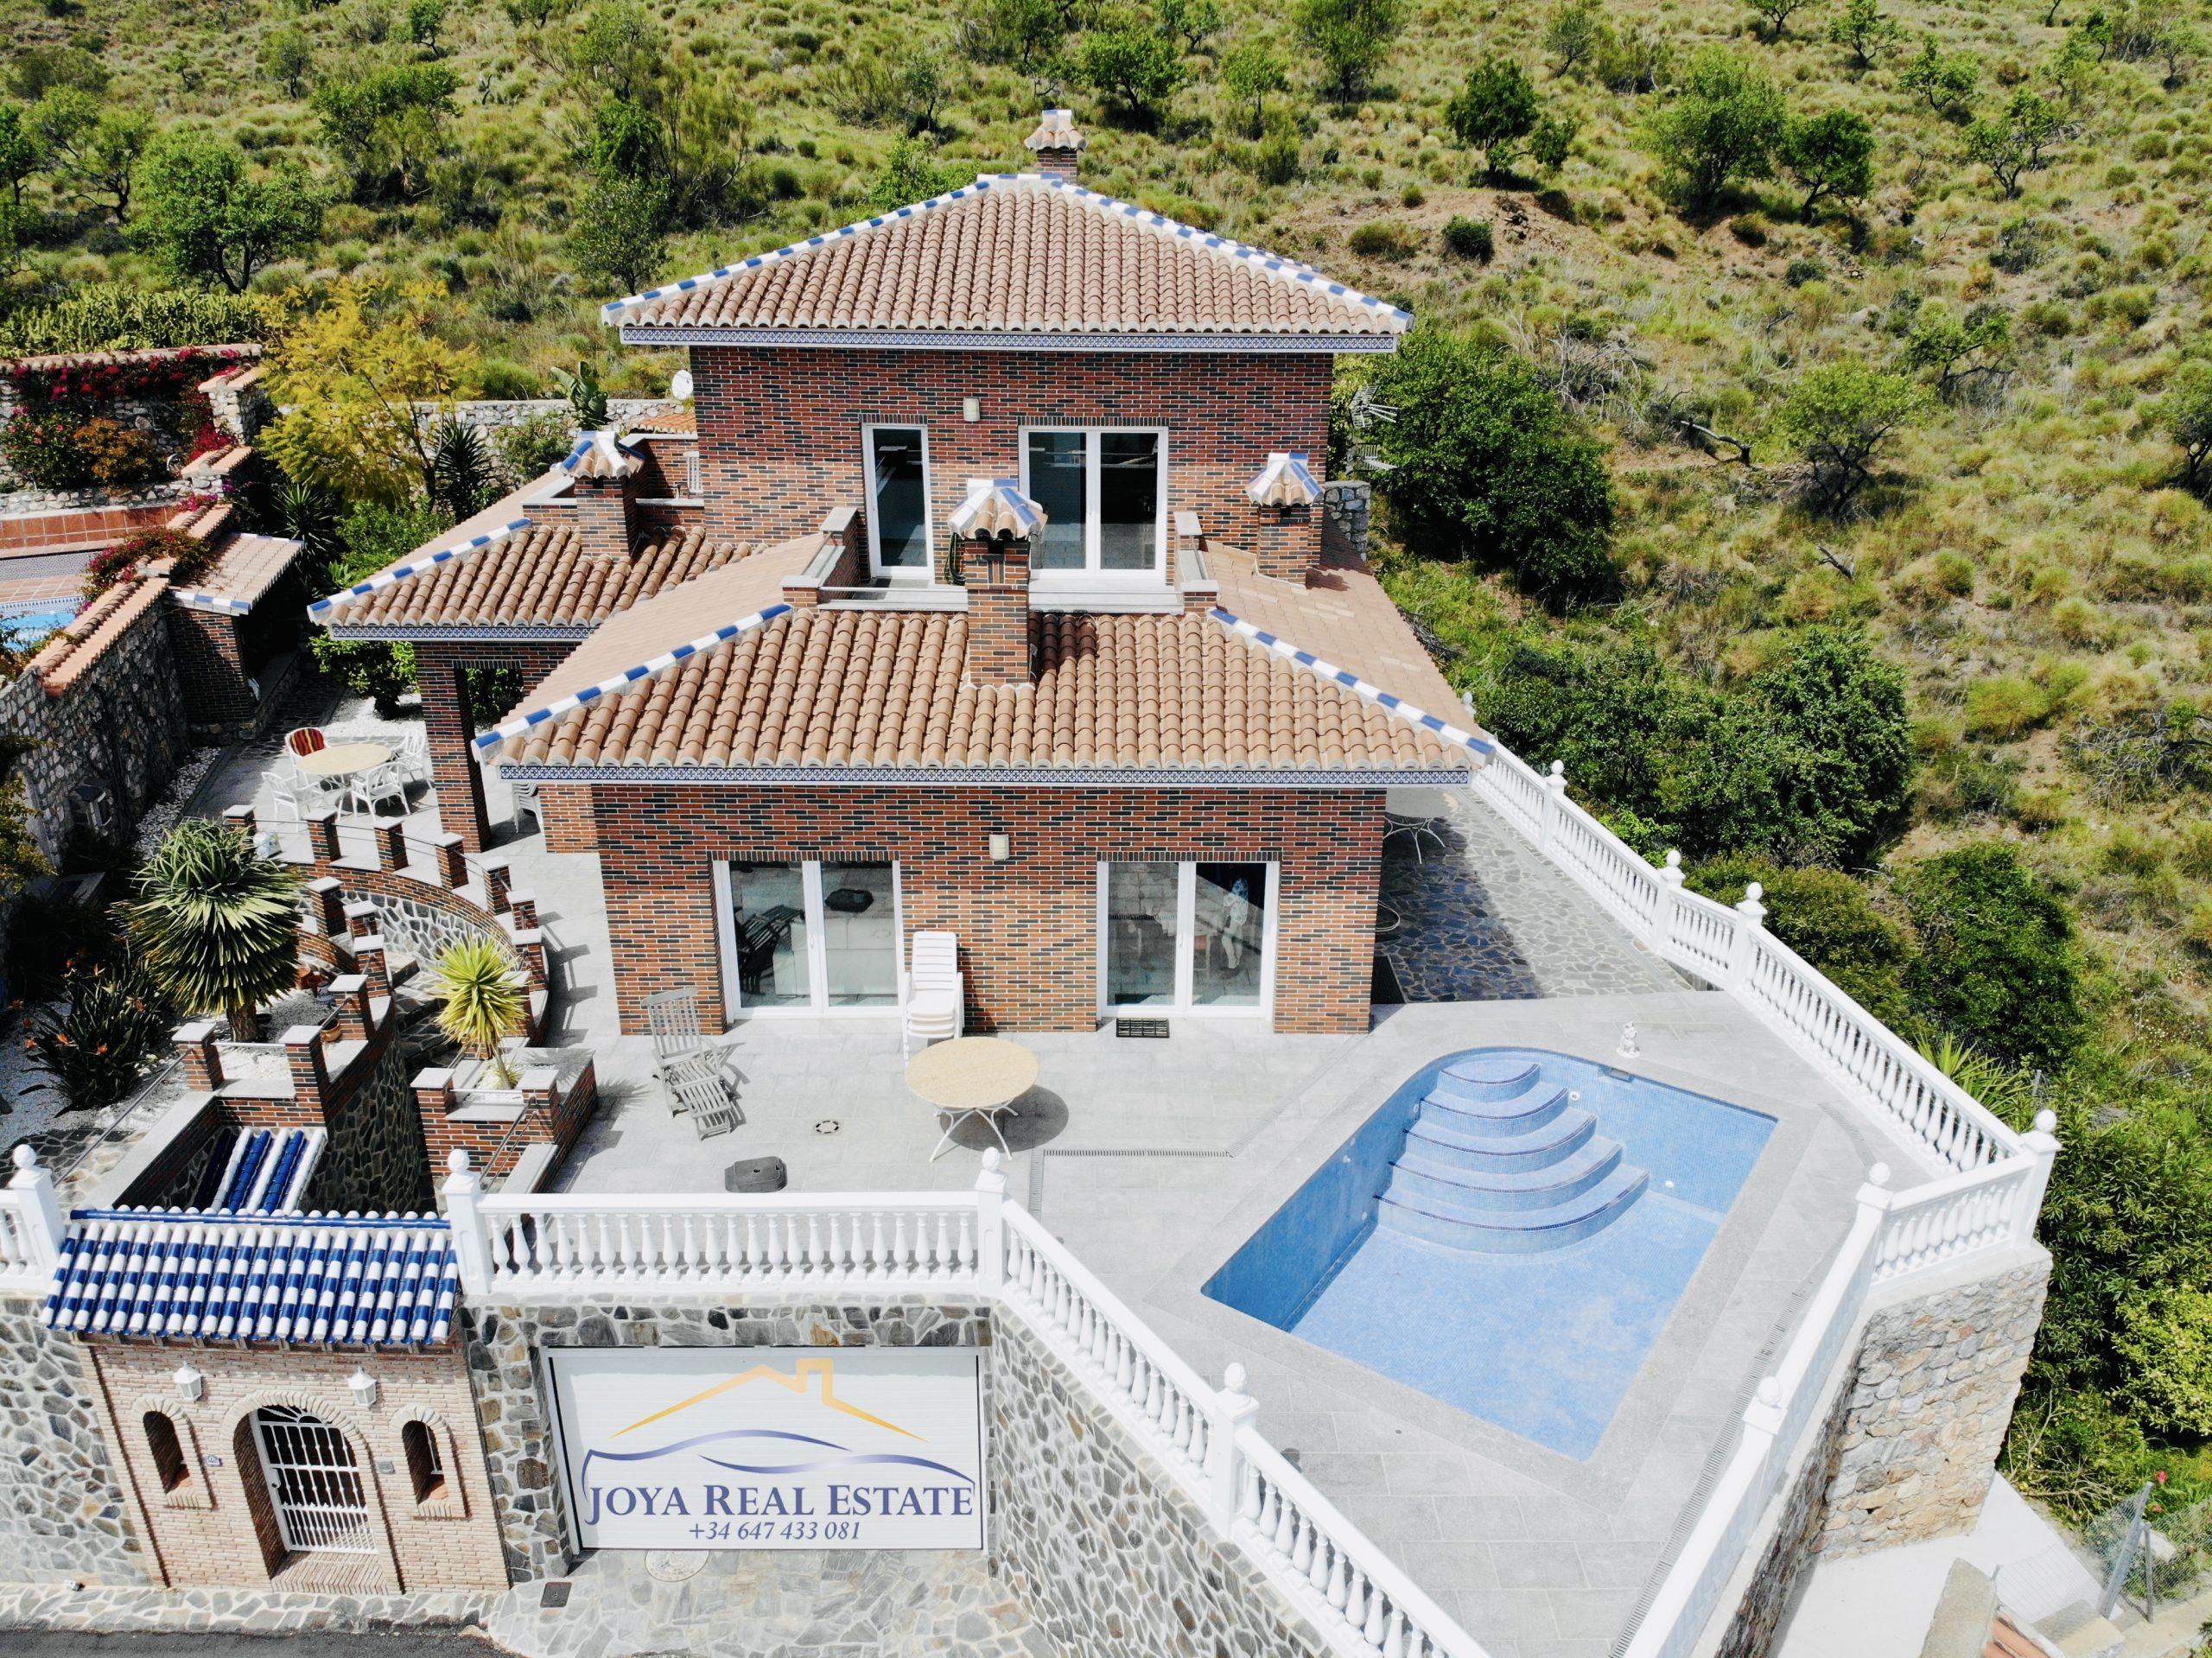 CHALET INDEPENDIENTE EN MONTE DE LOS ALMENDROS DE NUEVA CONSTRUCCION